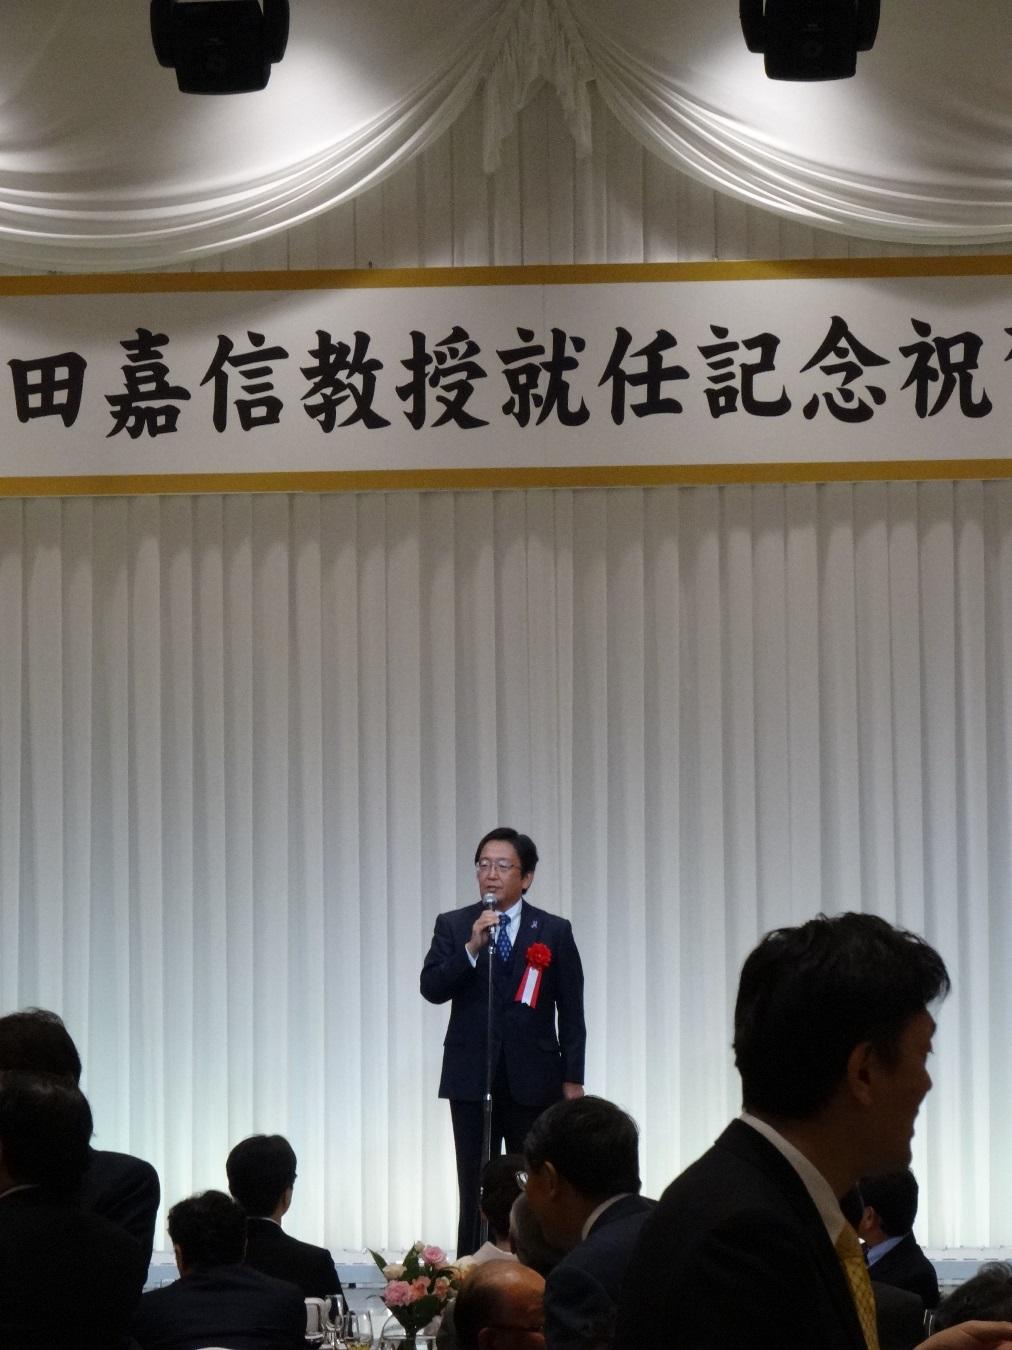 前田嘉信教授就任記念祝賀会8